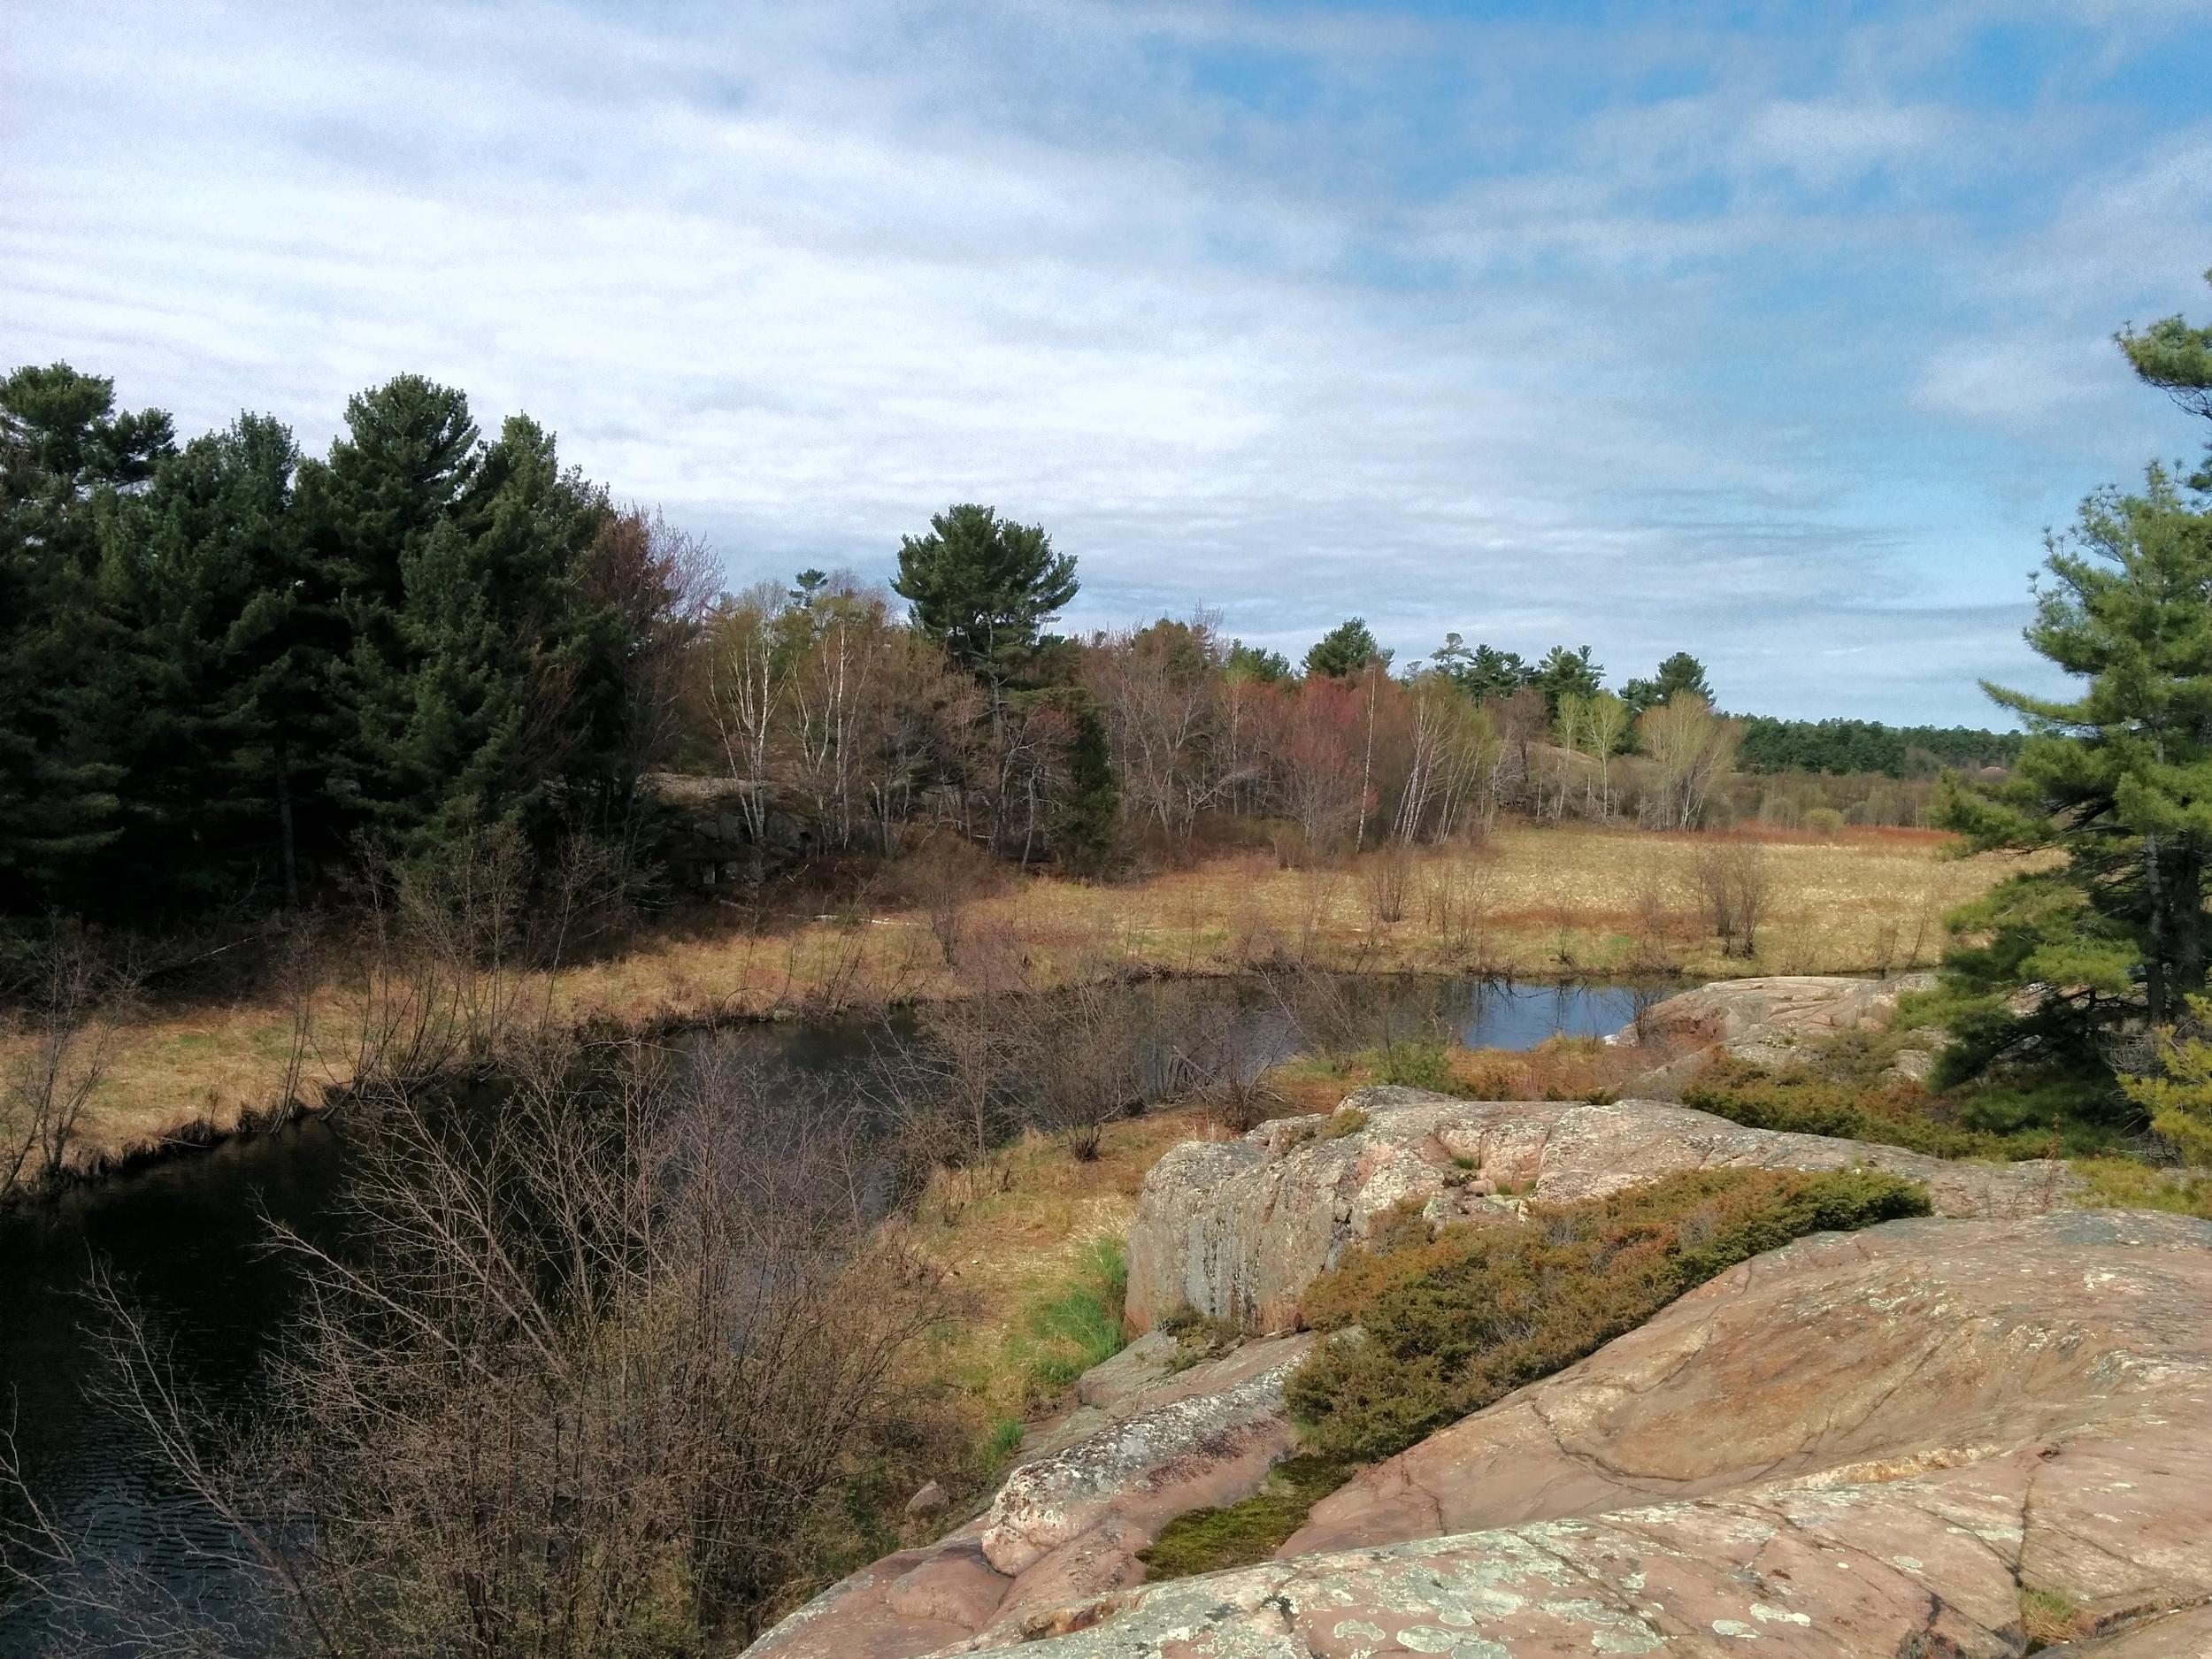 Chikanishing Creek